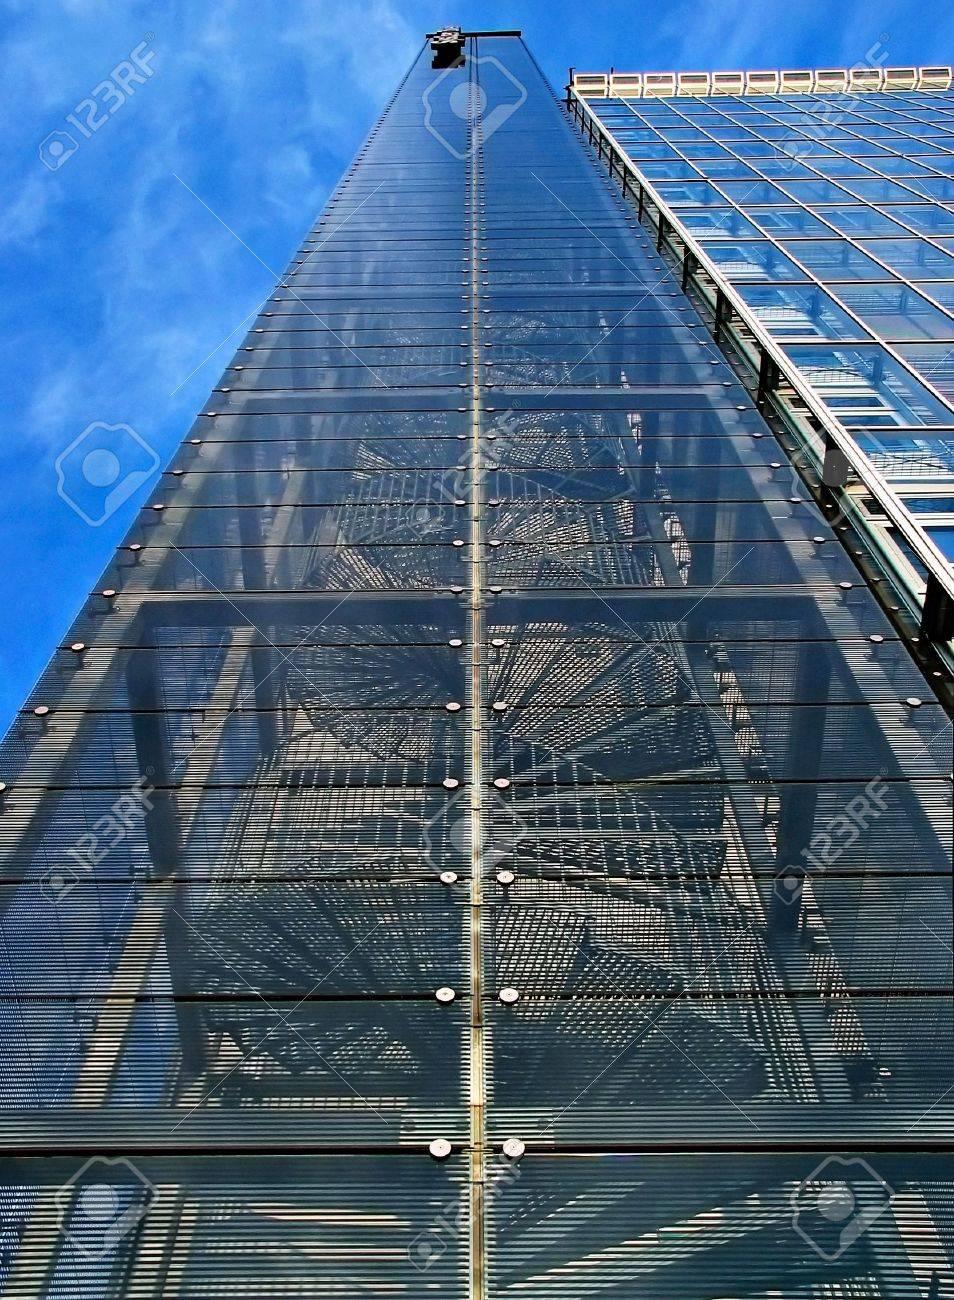 foto de archivo escaleras en espiral de gran altura y moderno edificio